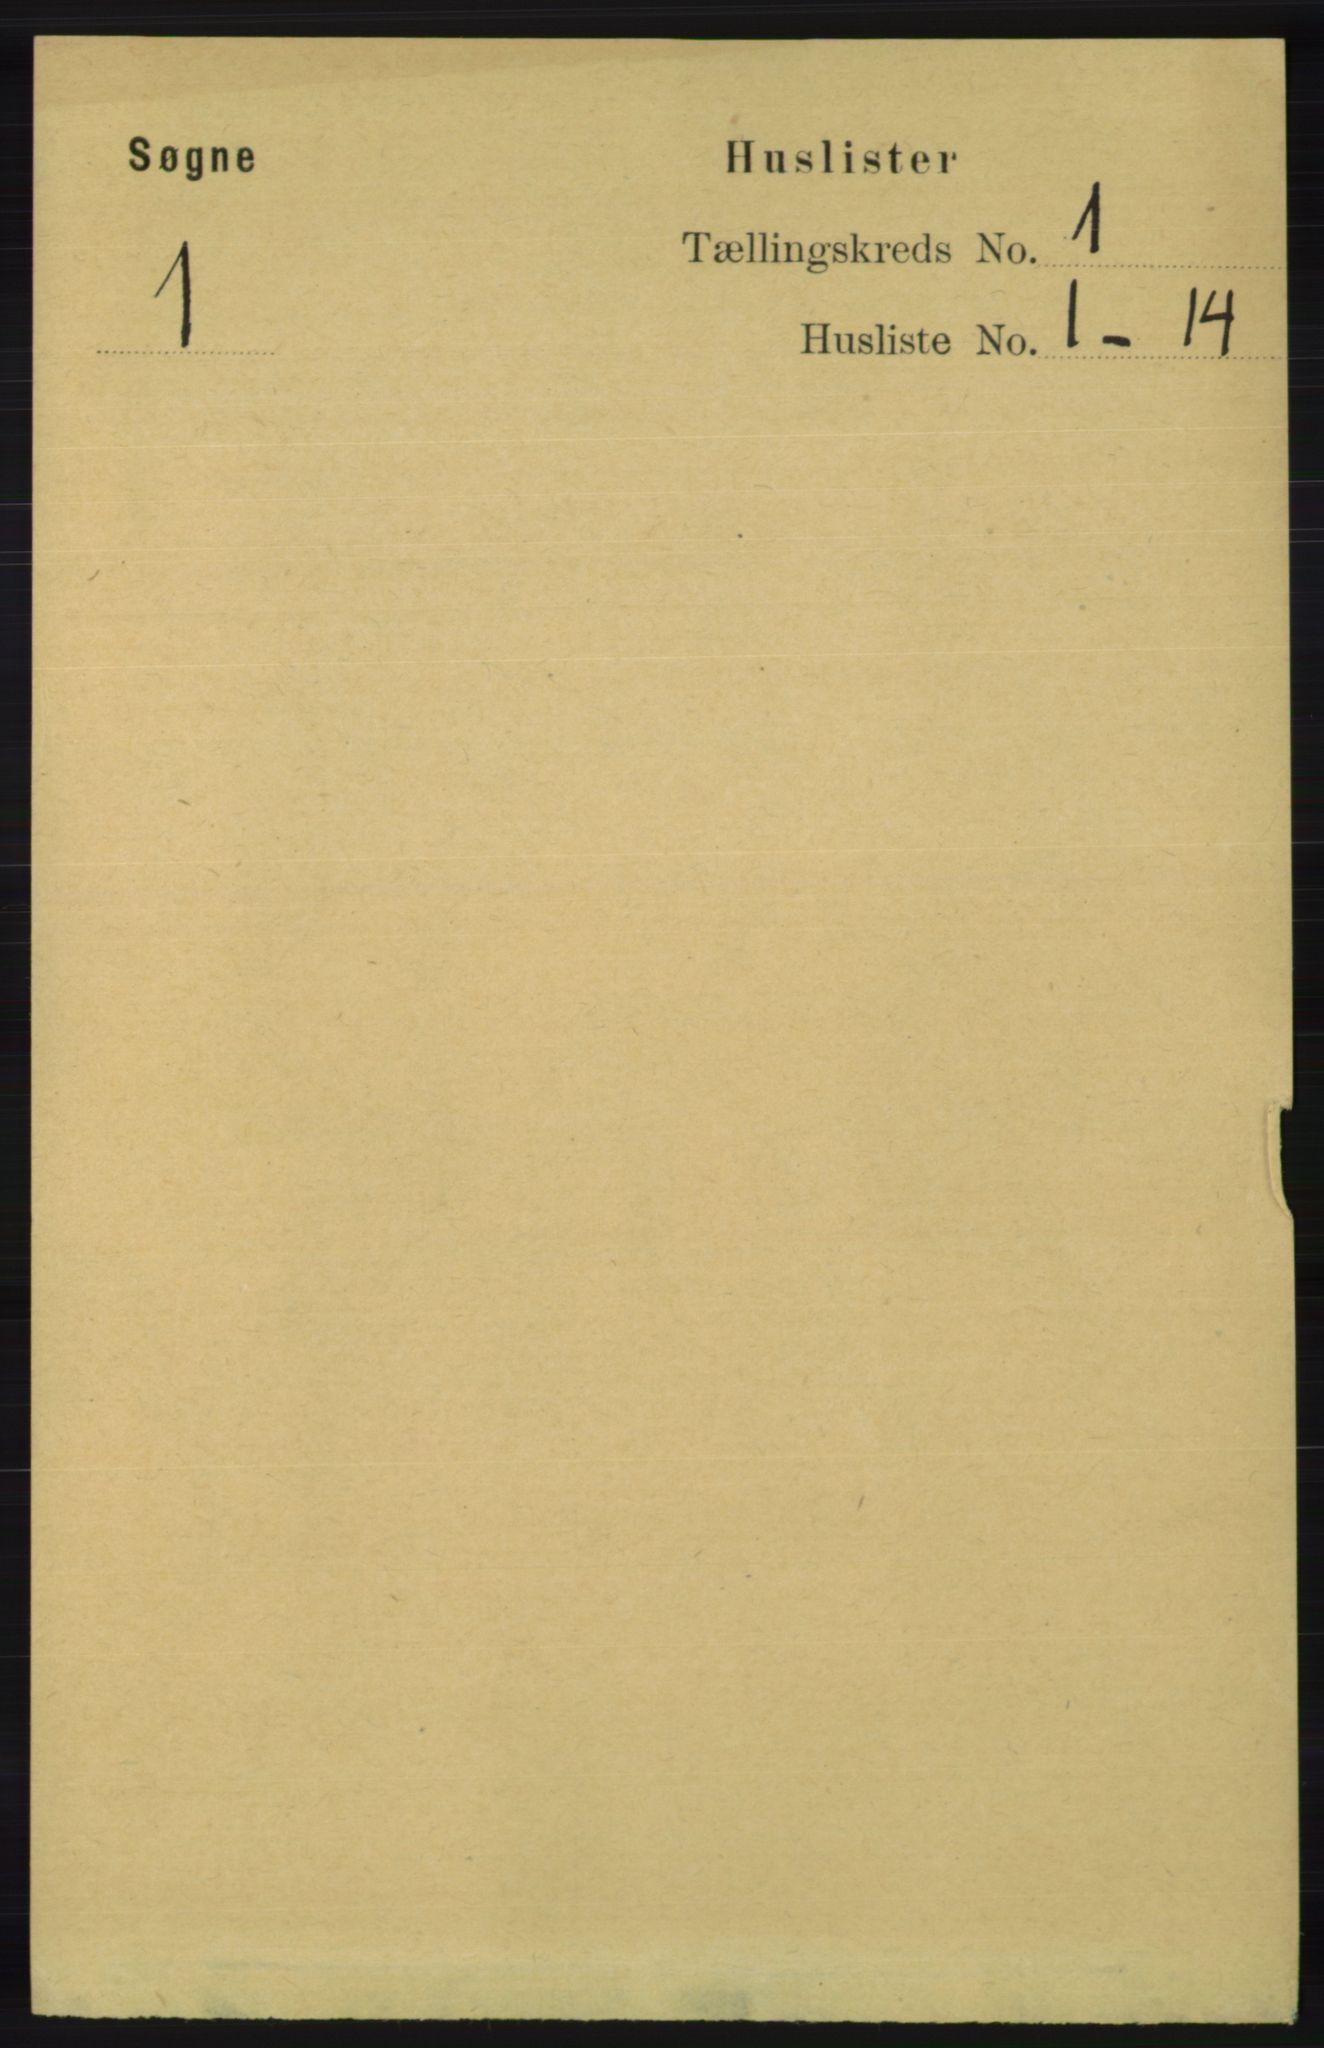 RA, Folketelling 1891 for 1018 Søgne herred, 1891, s. 47